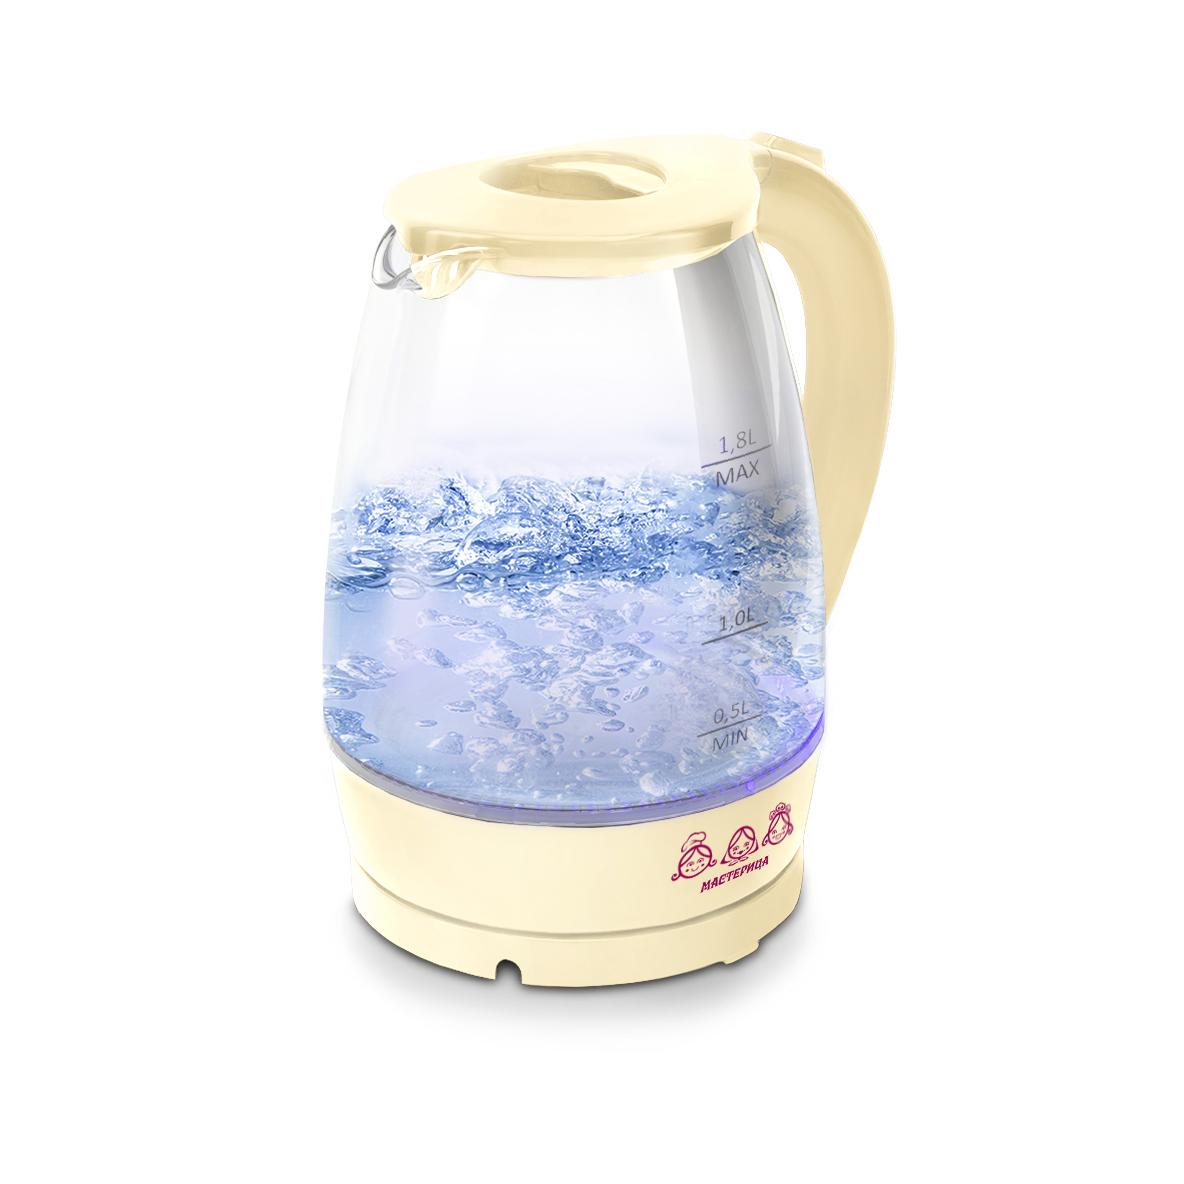 Чайник электрический Мастерица ЕК-1801G, ваниль, 1,8л, стекло, 1850 Вт